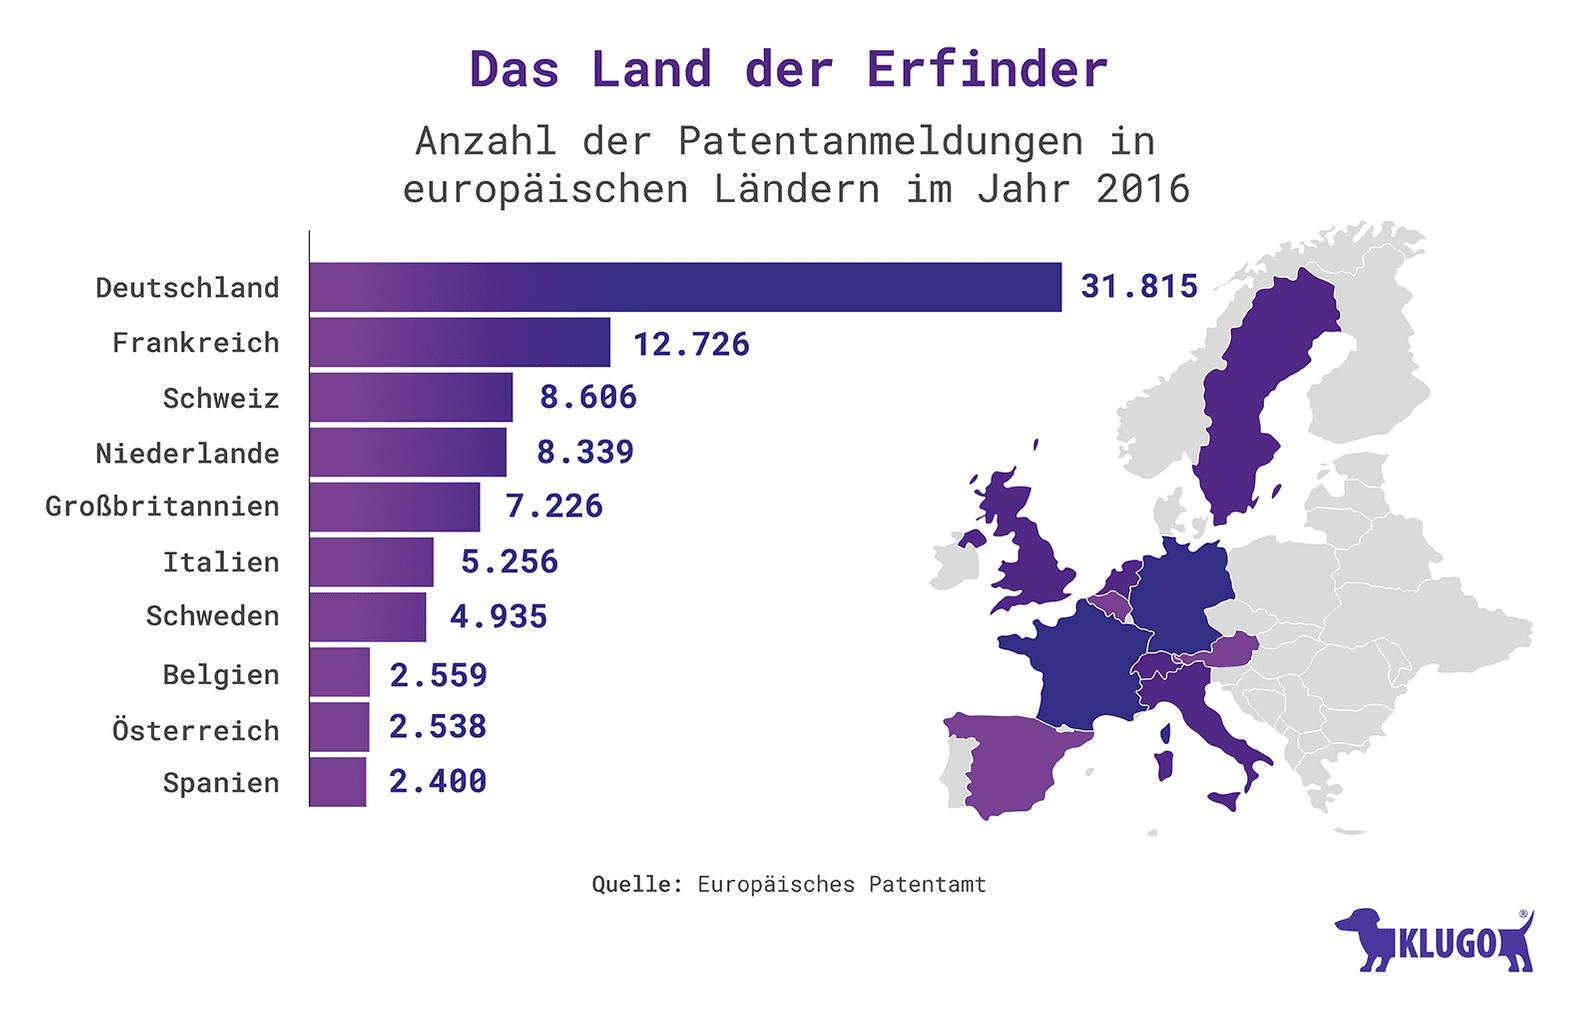 Das Land der Erfinder – Infografik